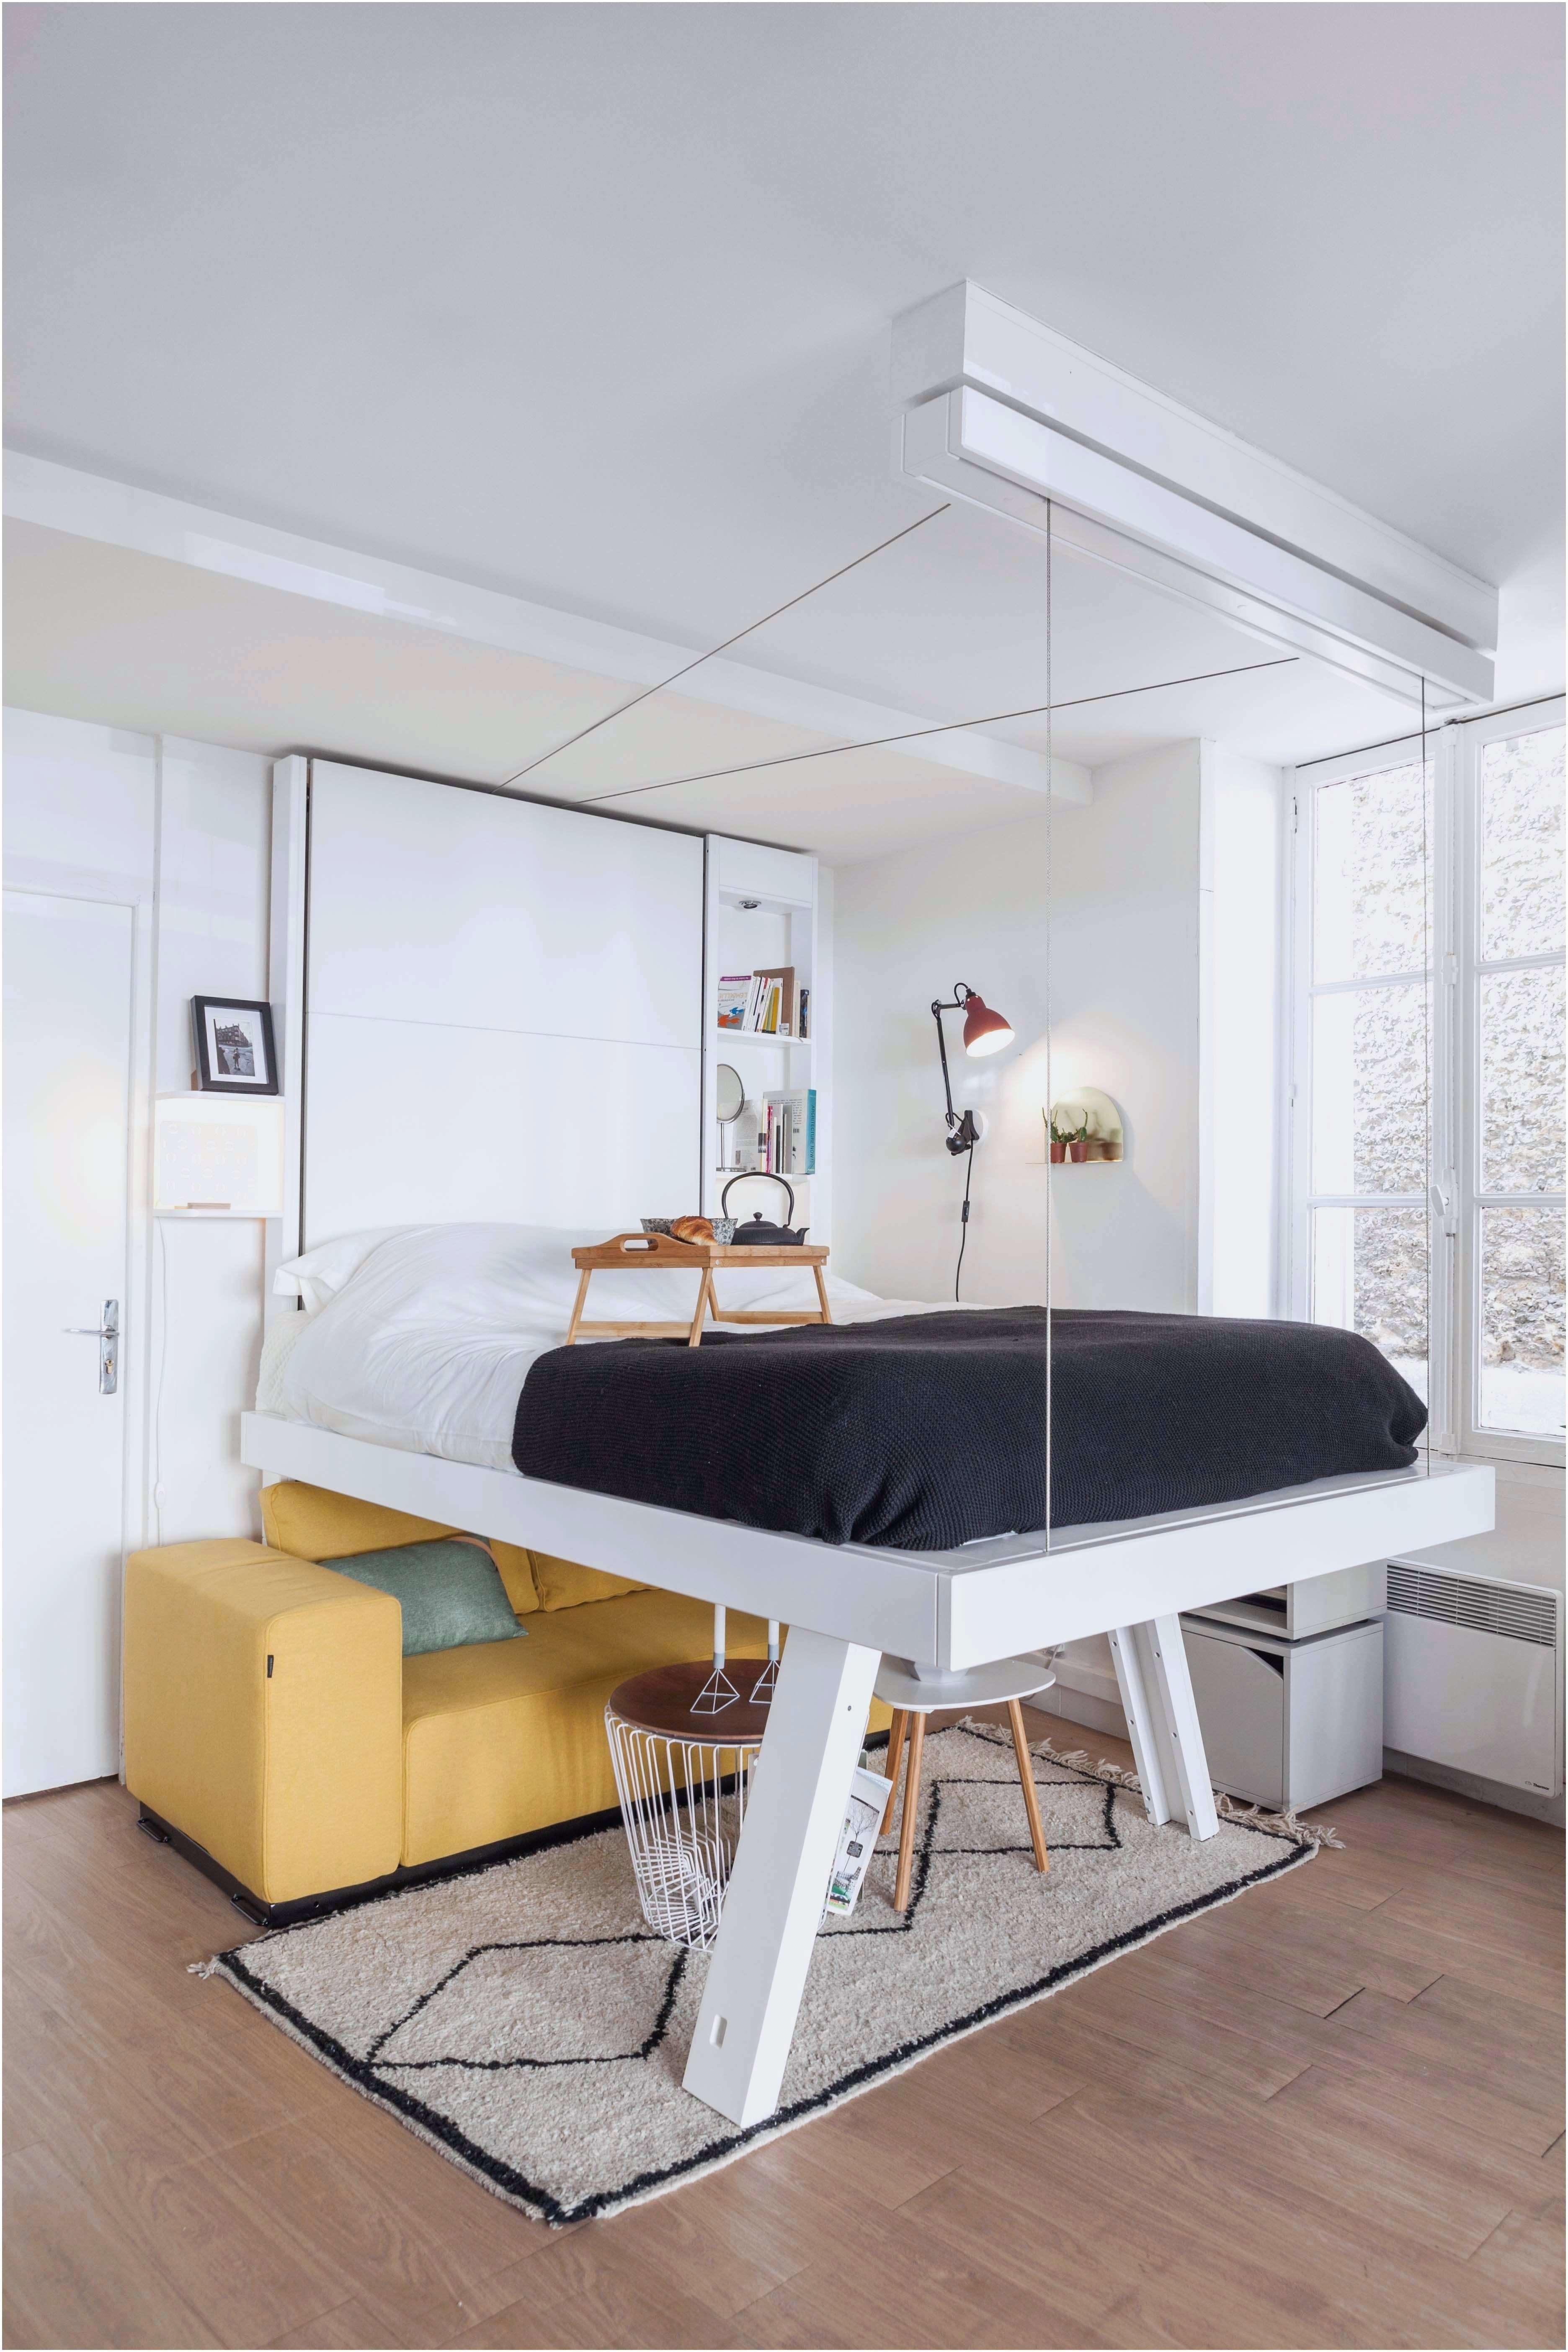 Lit Enfant Dimension Magnifique Nouveau Lit Mezzanine Salon Chambre Mezzanine Adulte Beau Mezzanine